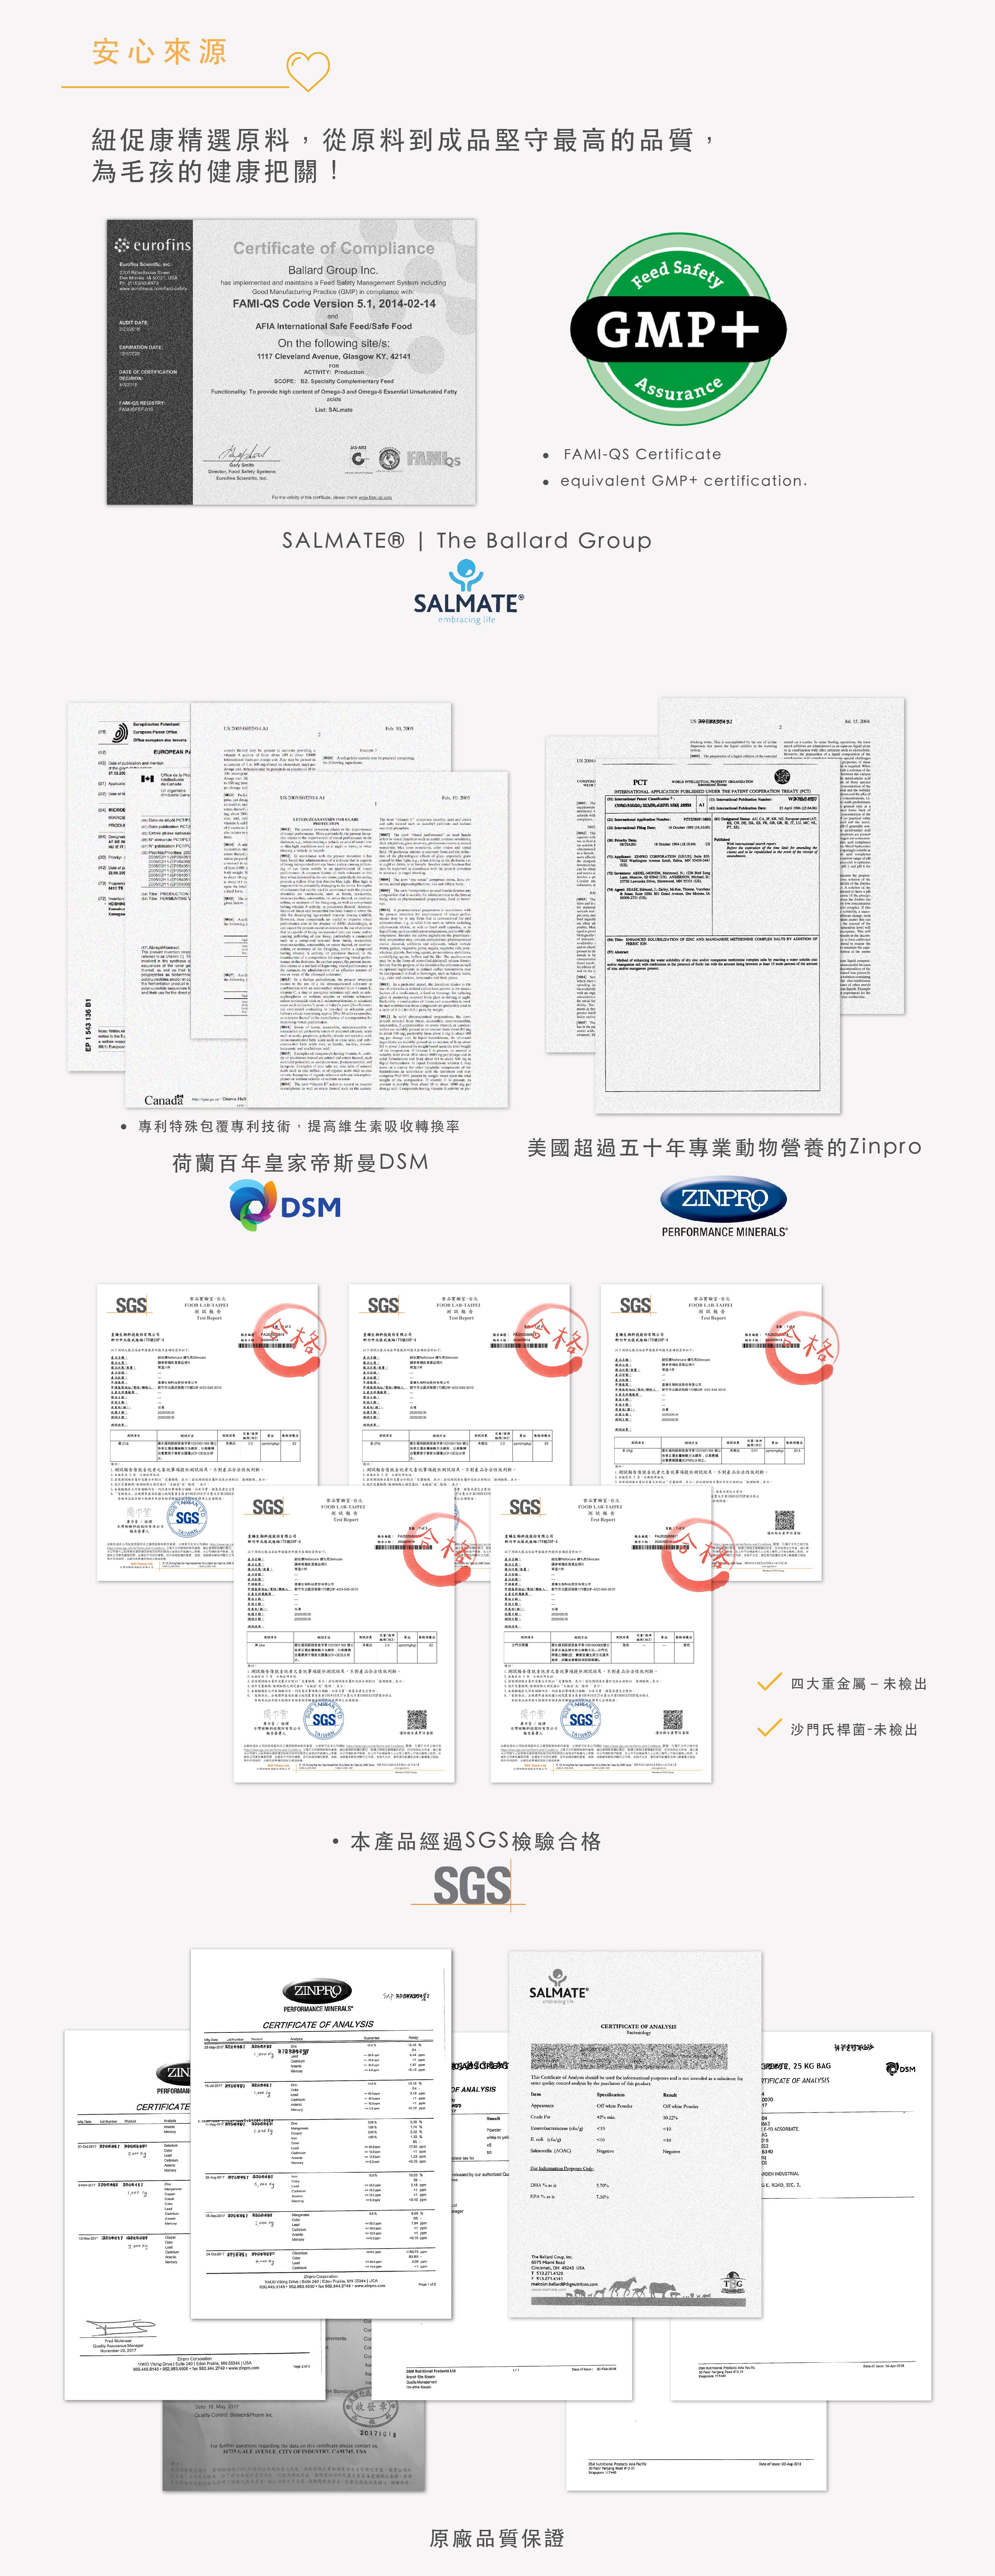 健毛亮安心來源::嚴選國際品質認證、通過SGS檢驗